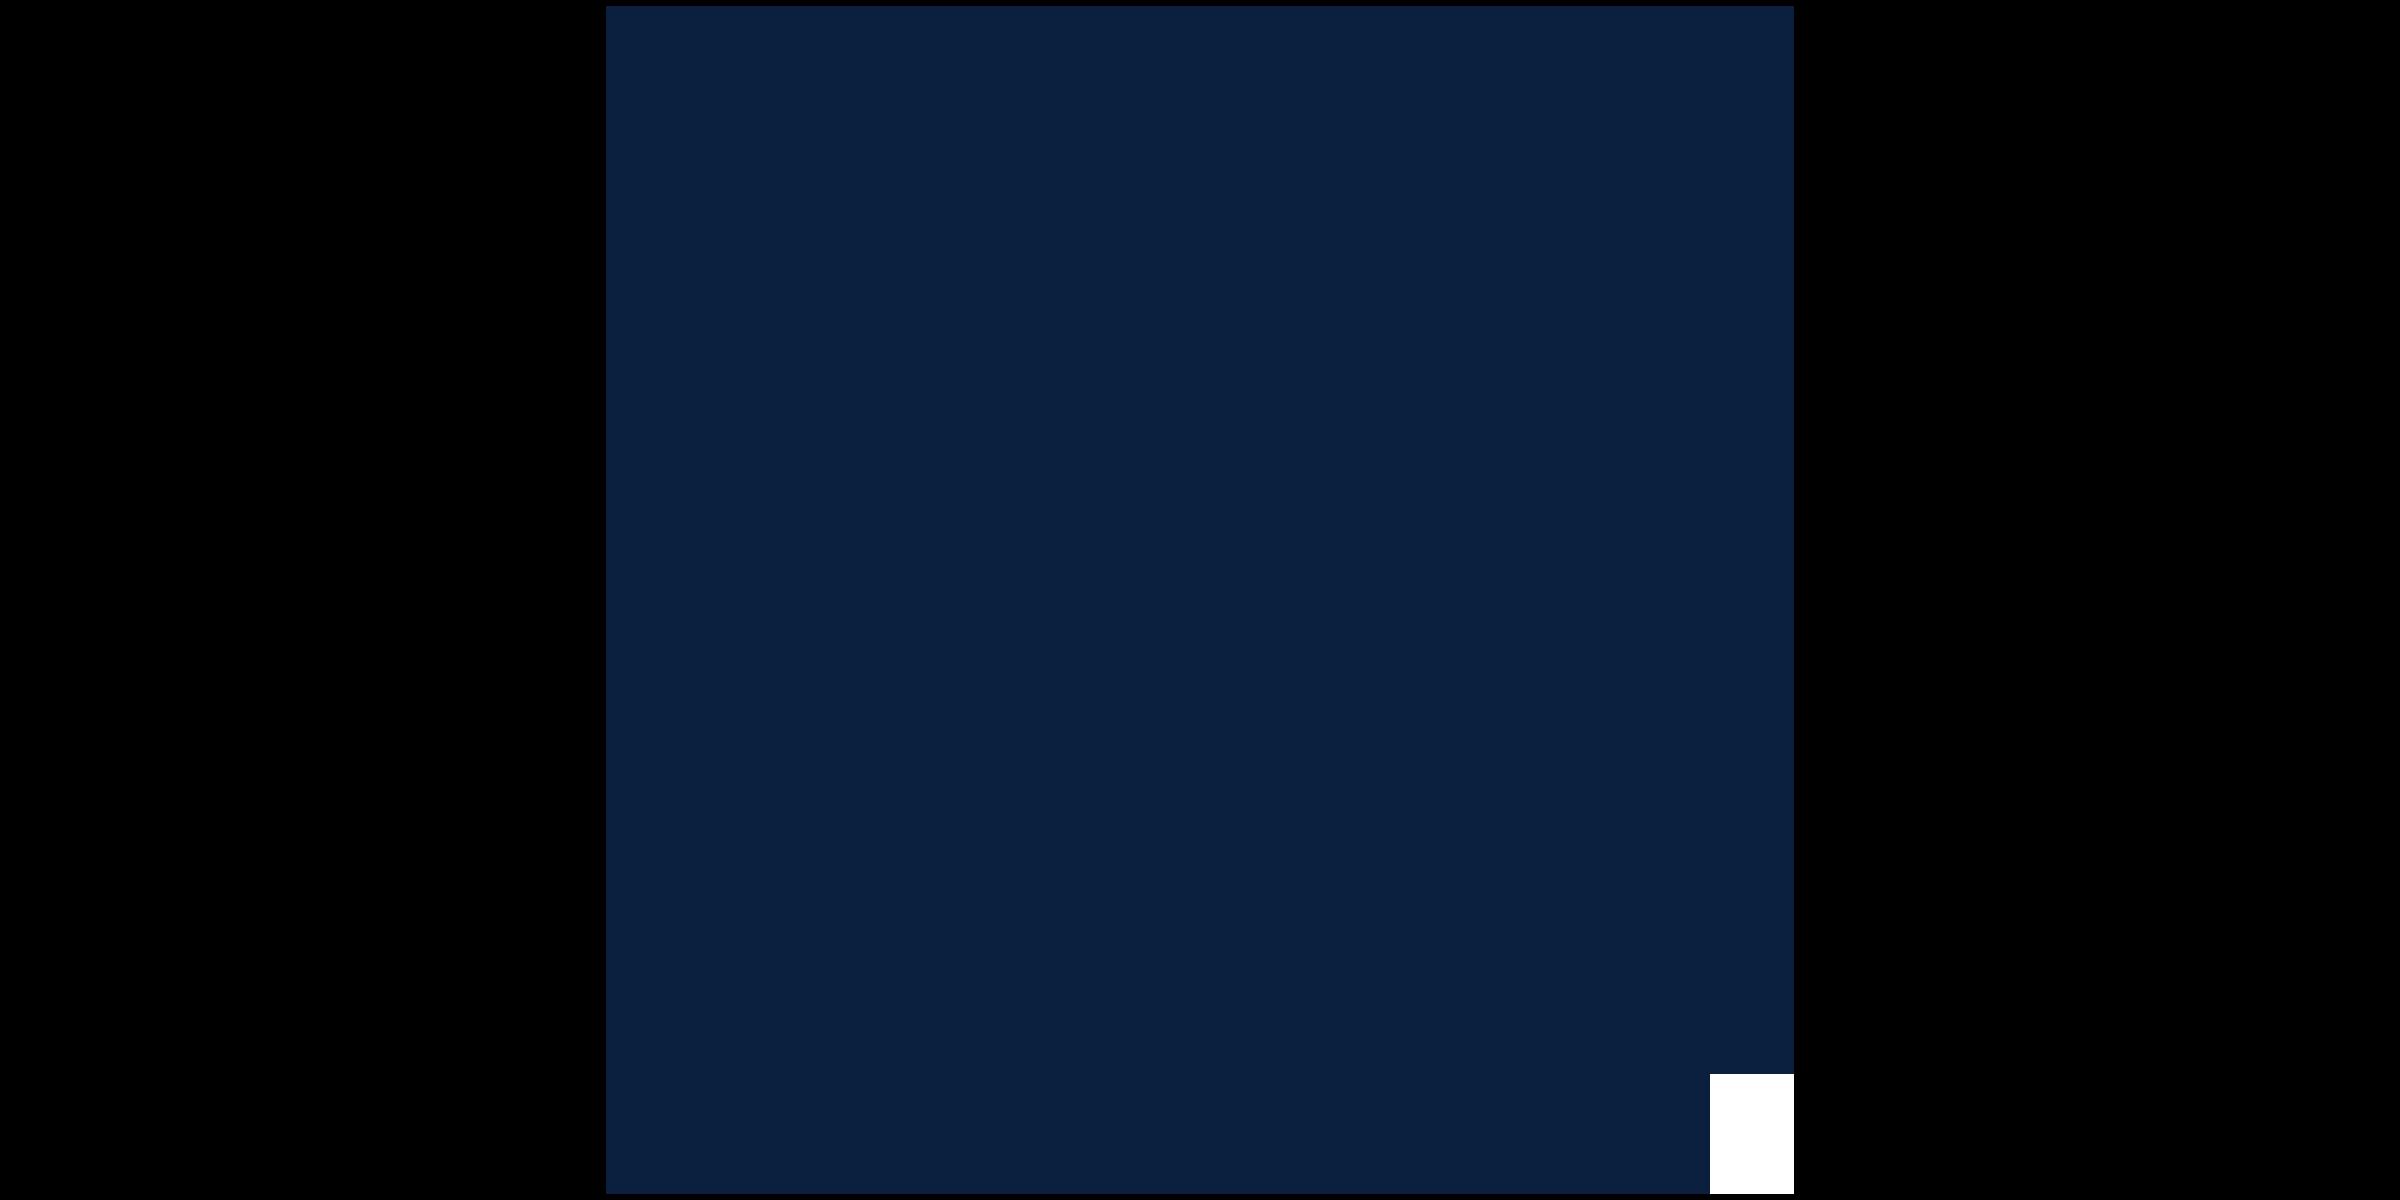 De Beers Jewellers Lotte World Tower